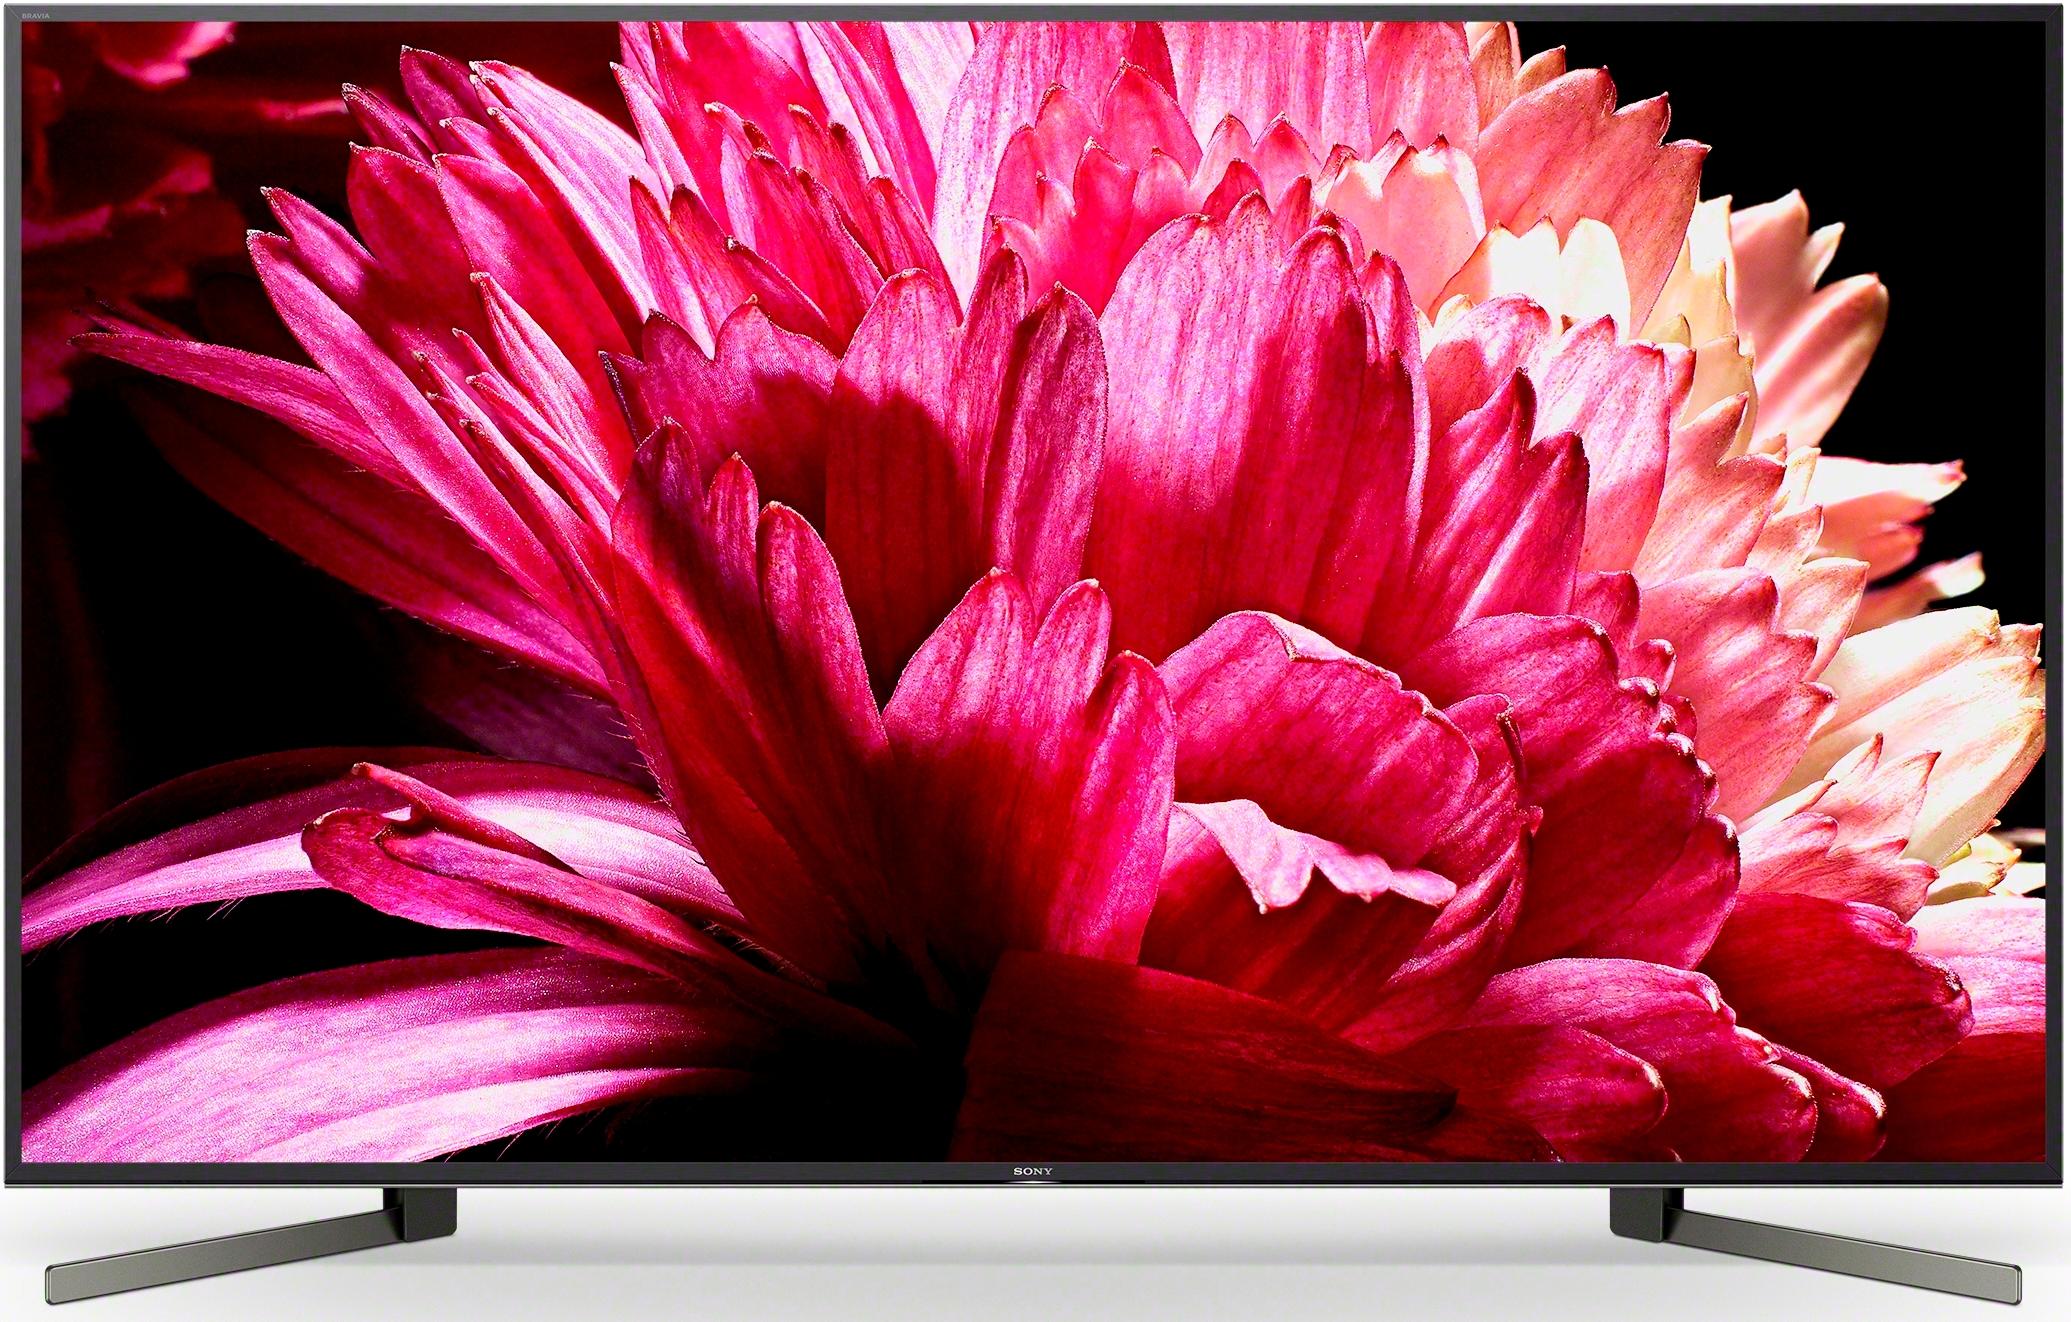 Sony XBR65X950G 4K UHD TV